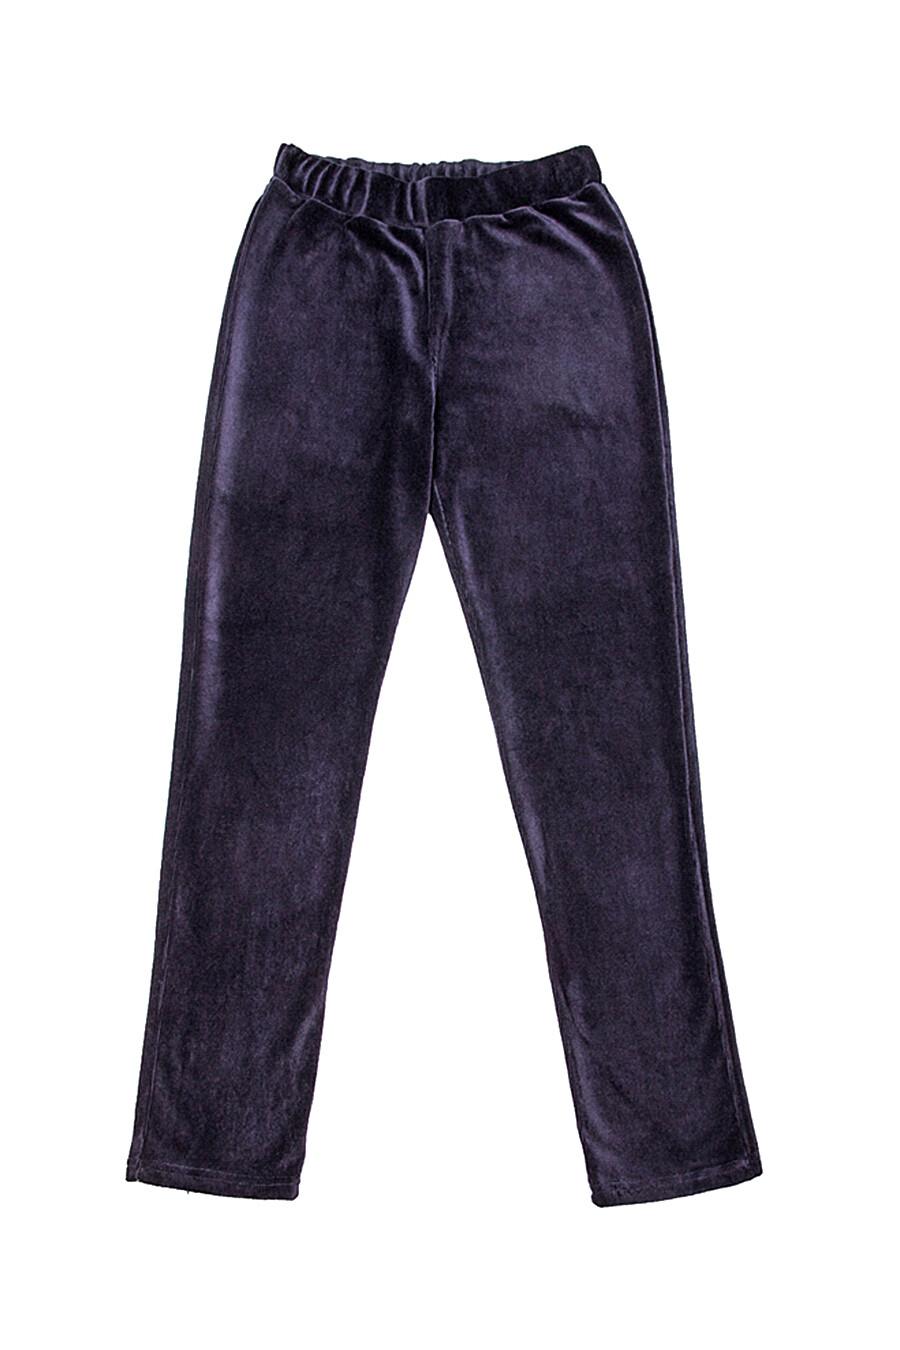 Брюки для женщин Archi 130637 купить оптом от производителя. Совместная покупка женской одежды в OptMoyo